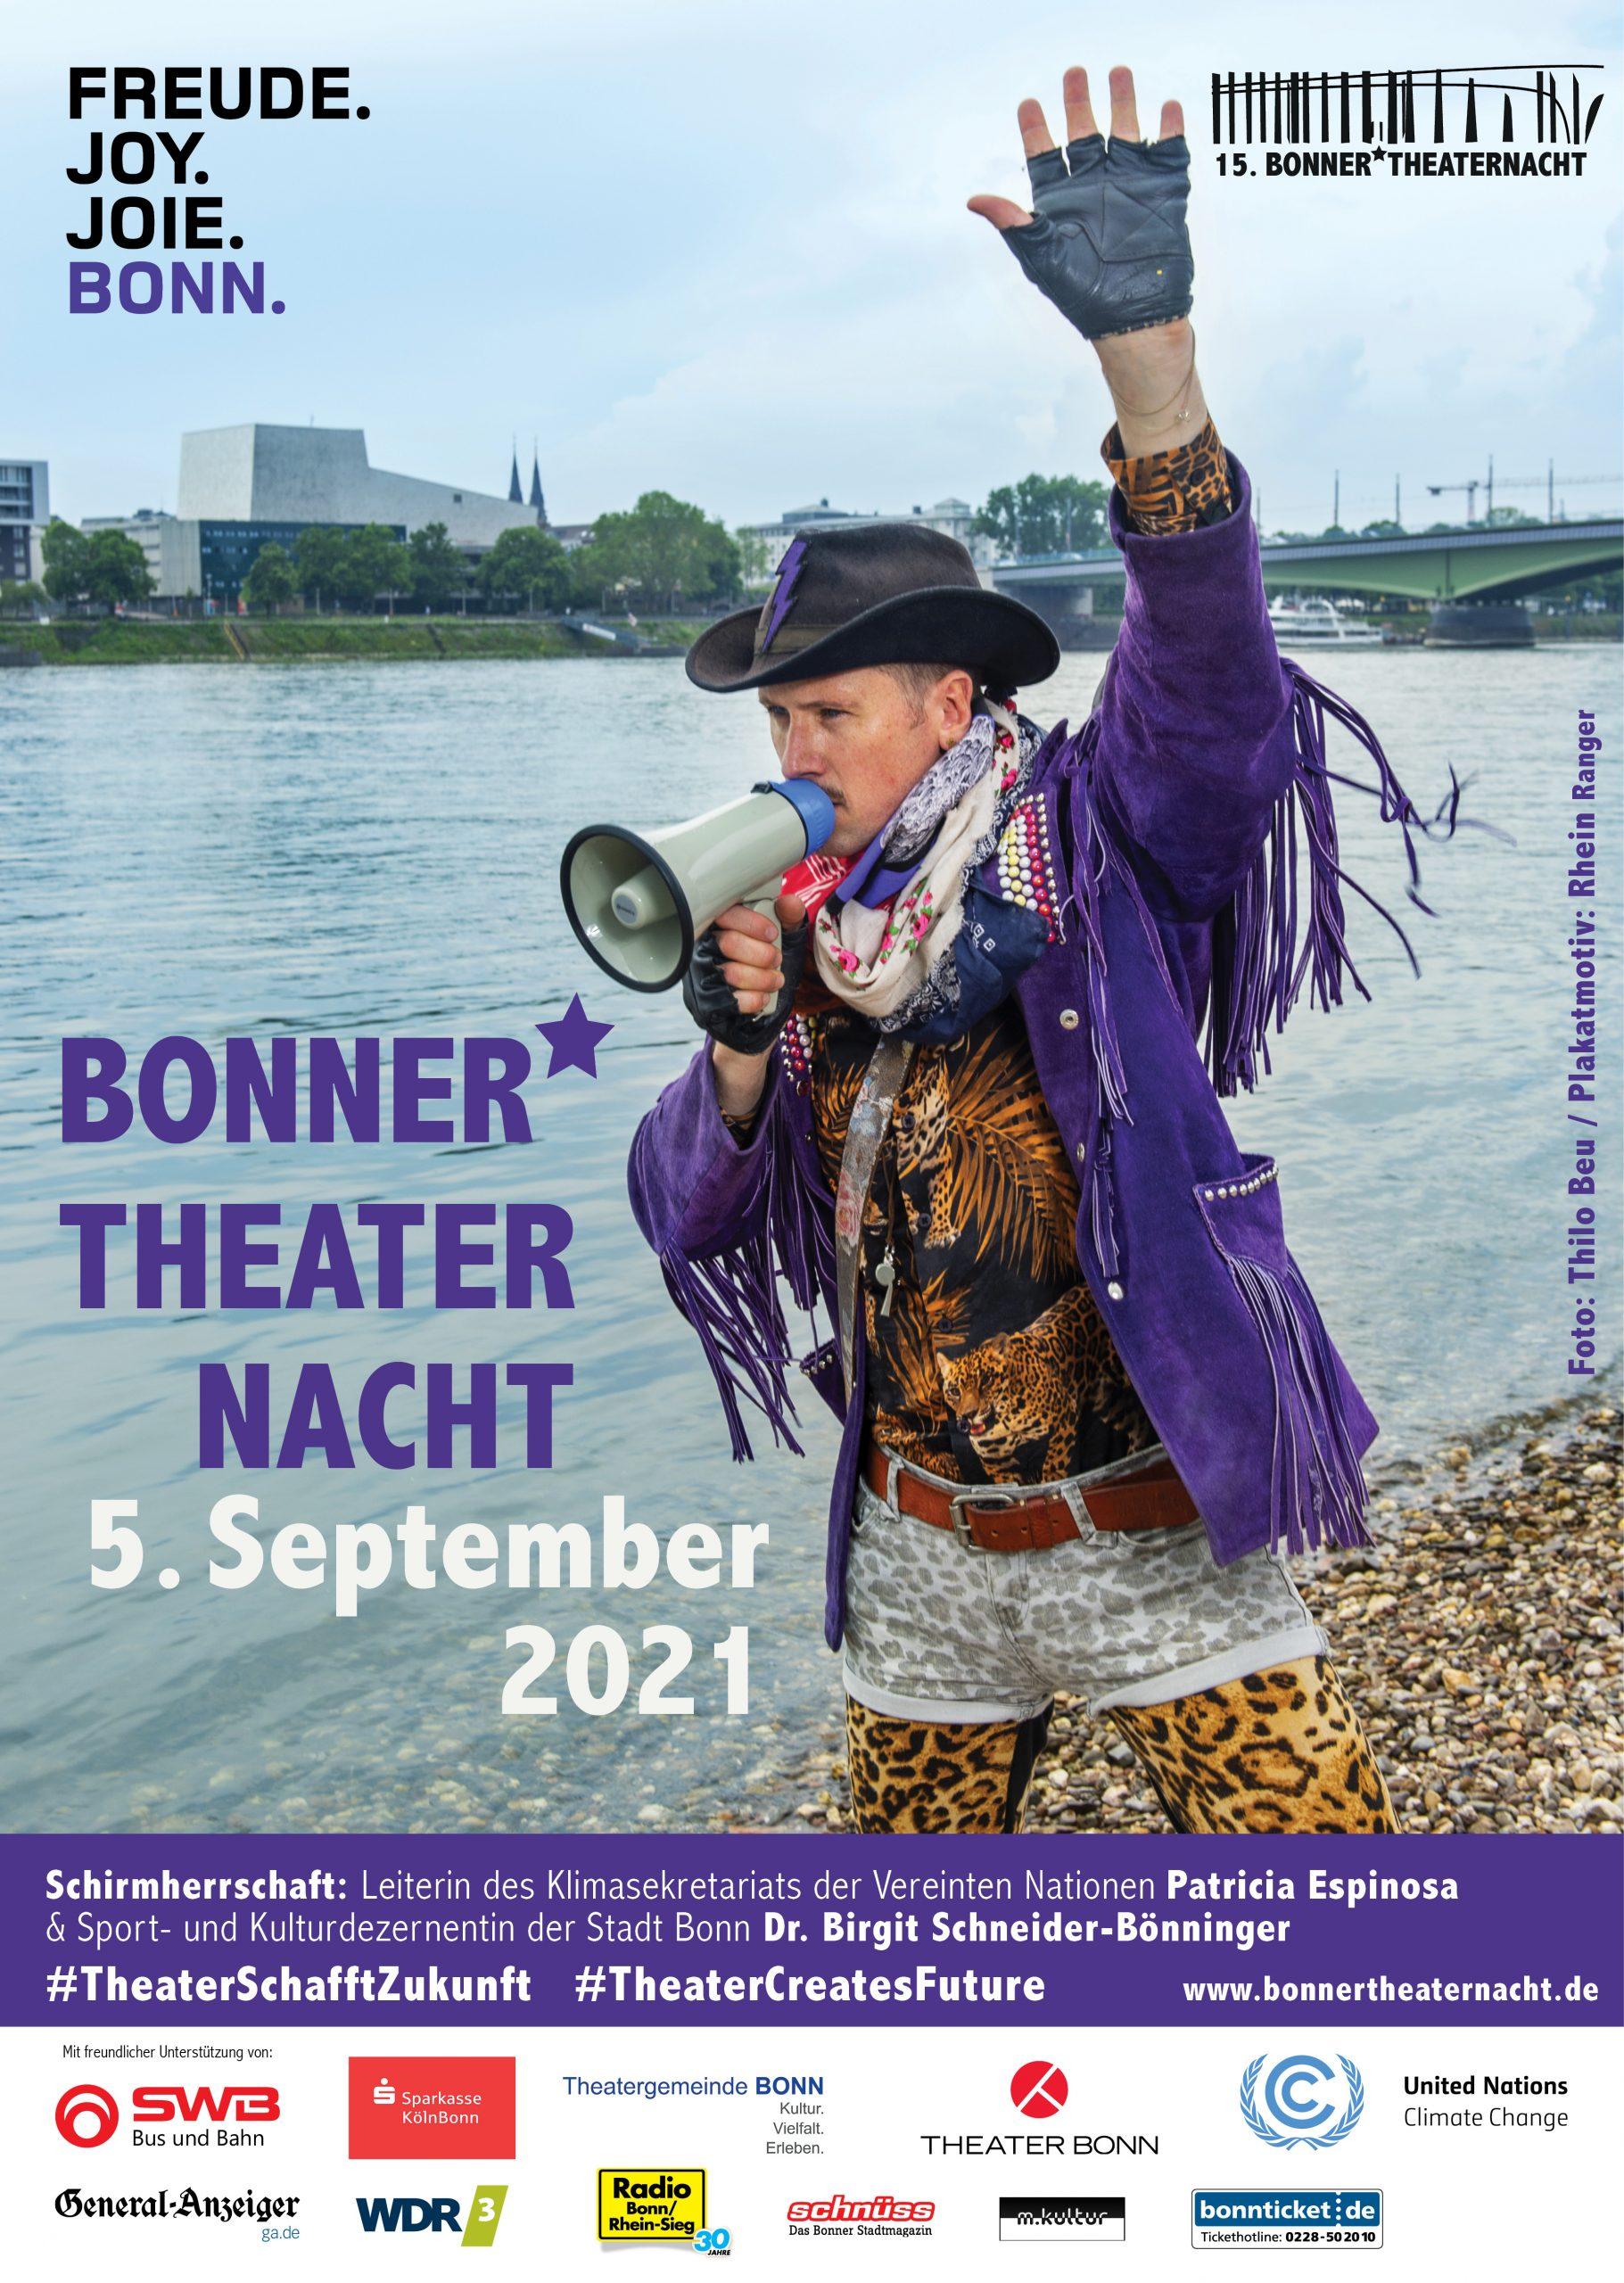 Die Bonner Theaternacht